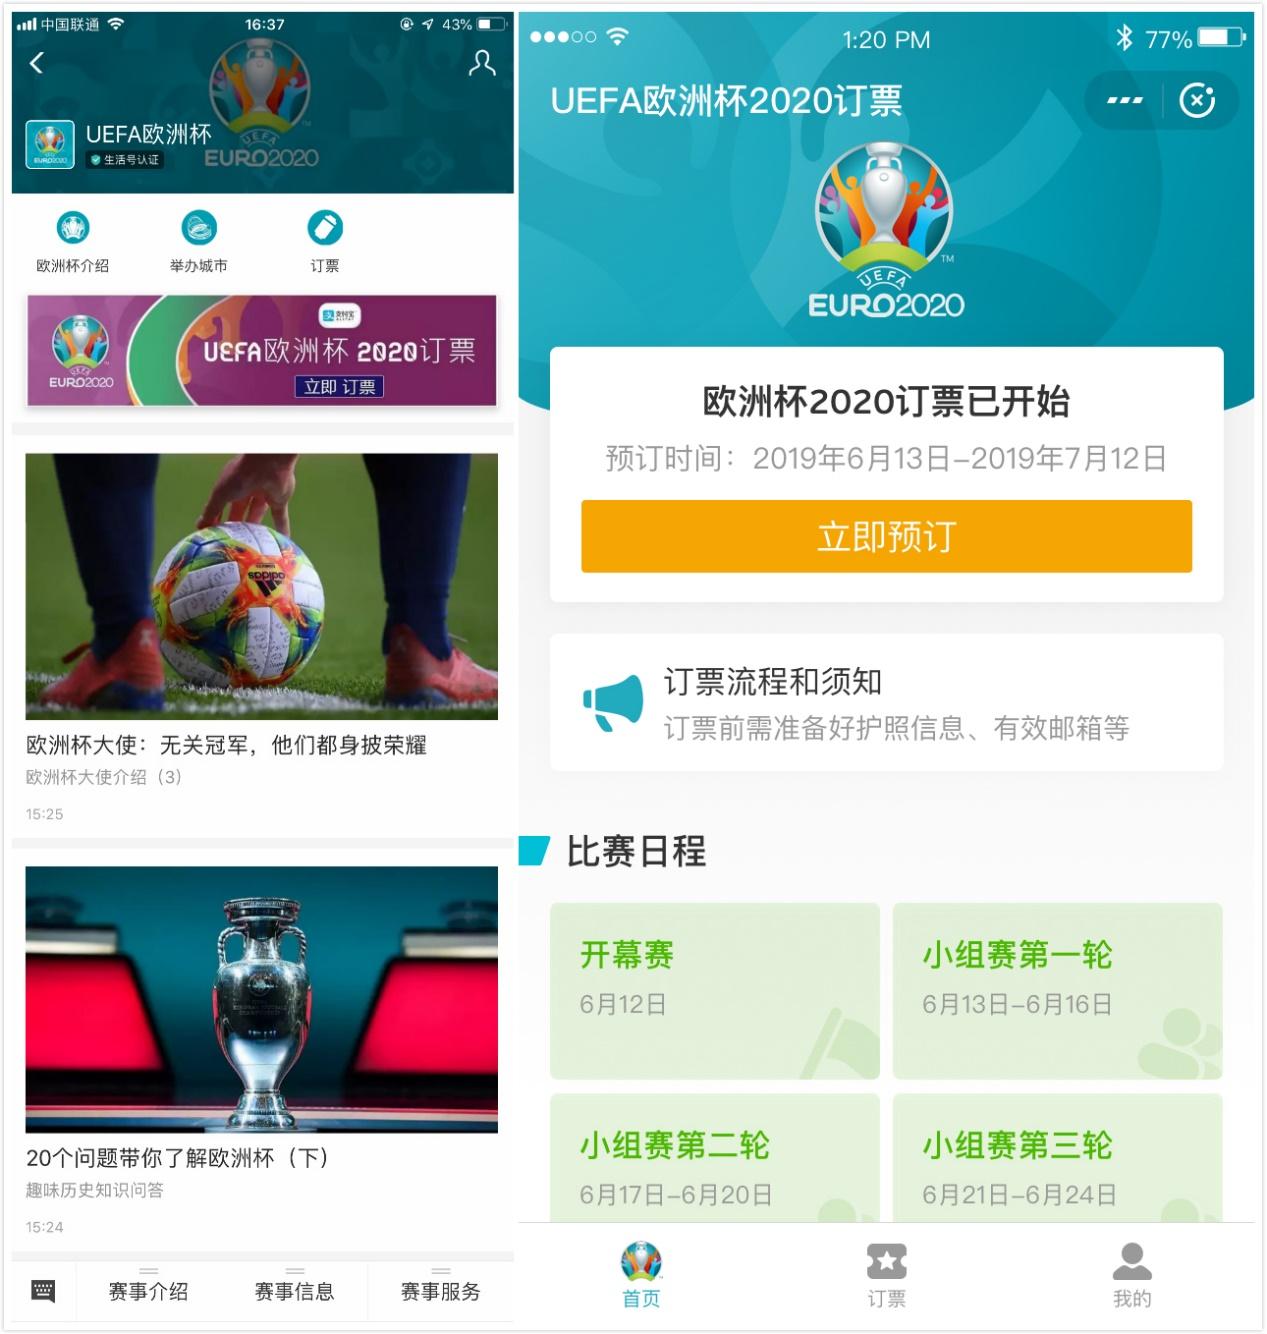 """全球独家资讯、便捷购票,支付宝成了欧洲杯的""""中国窗口"""""""